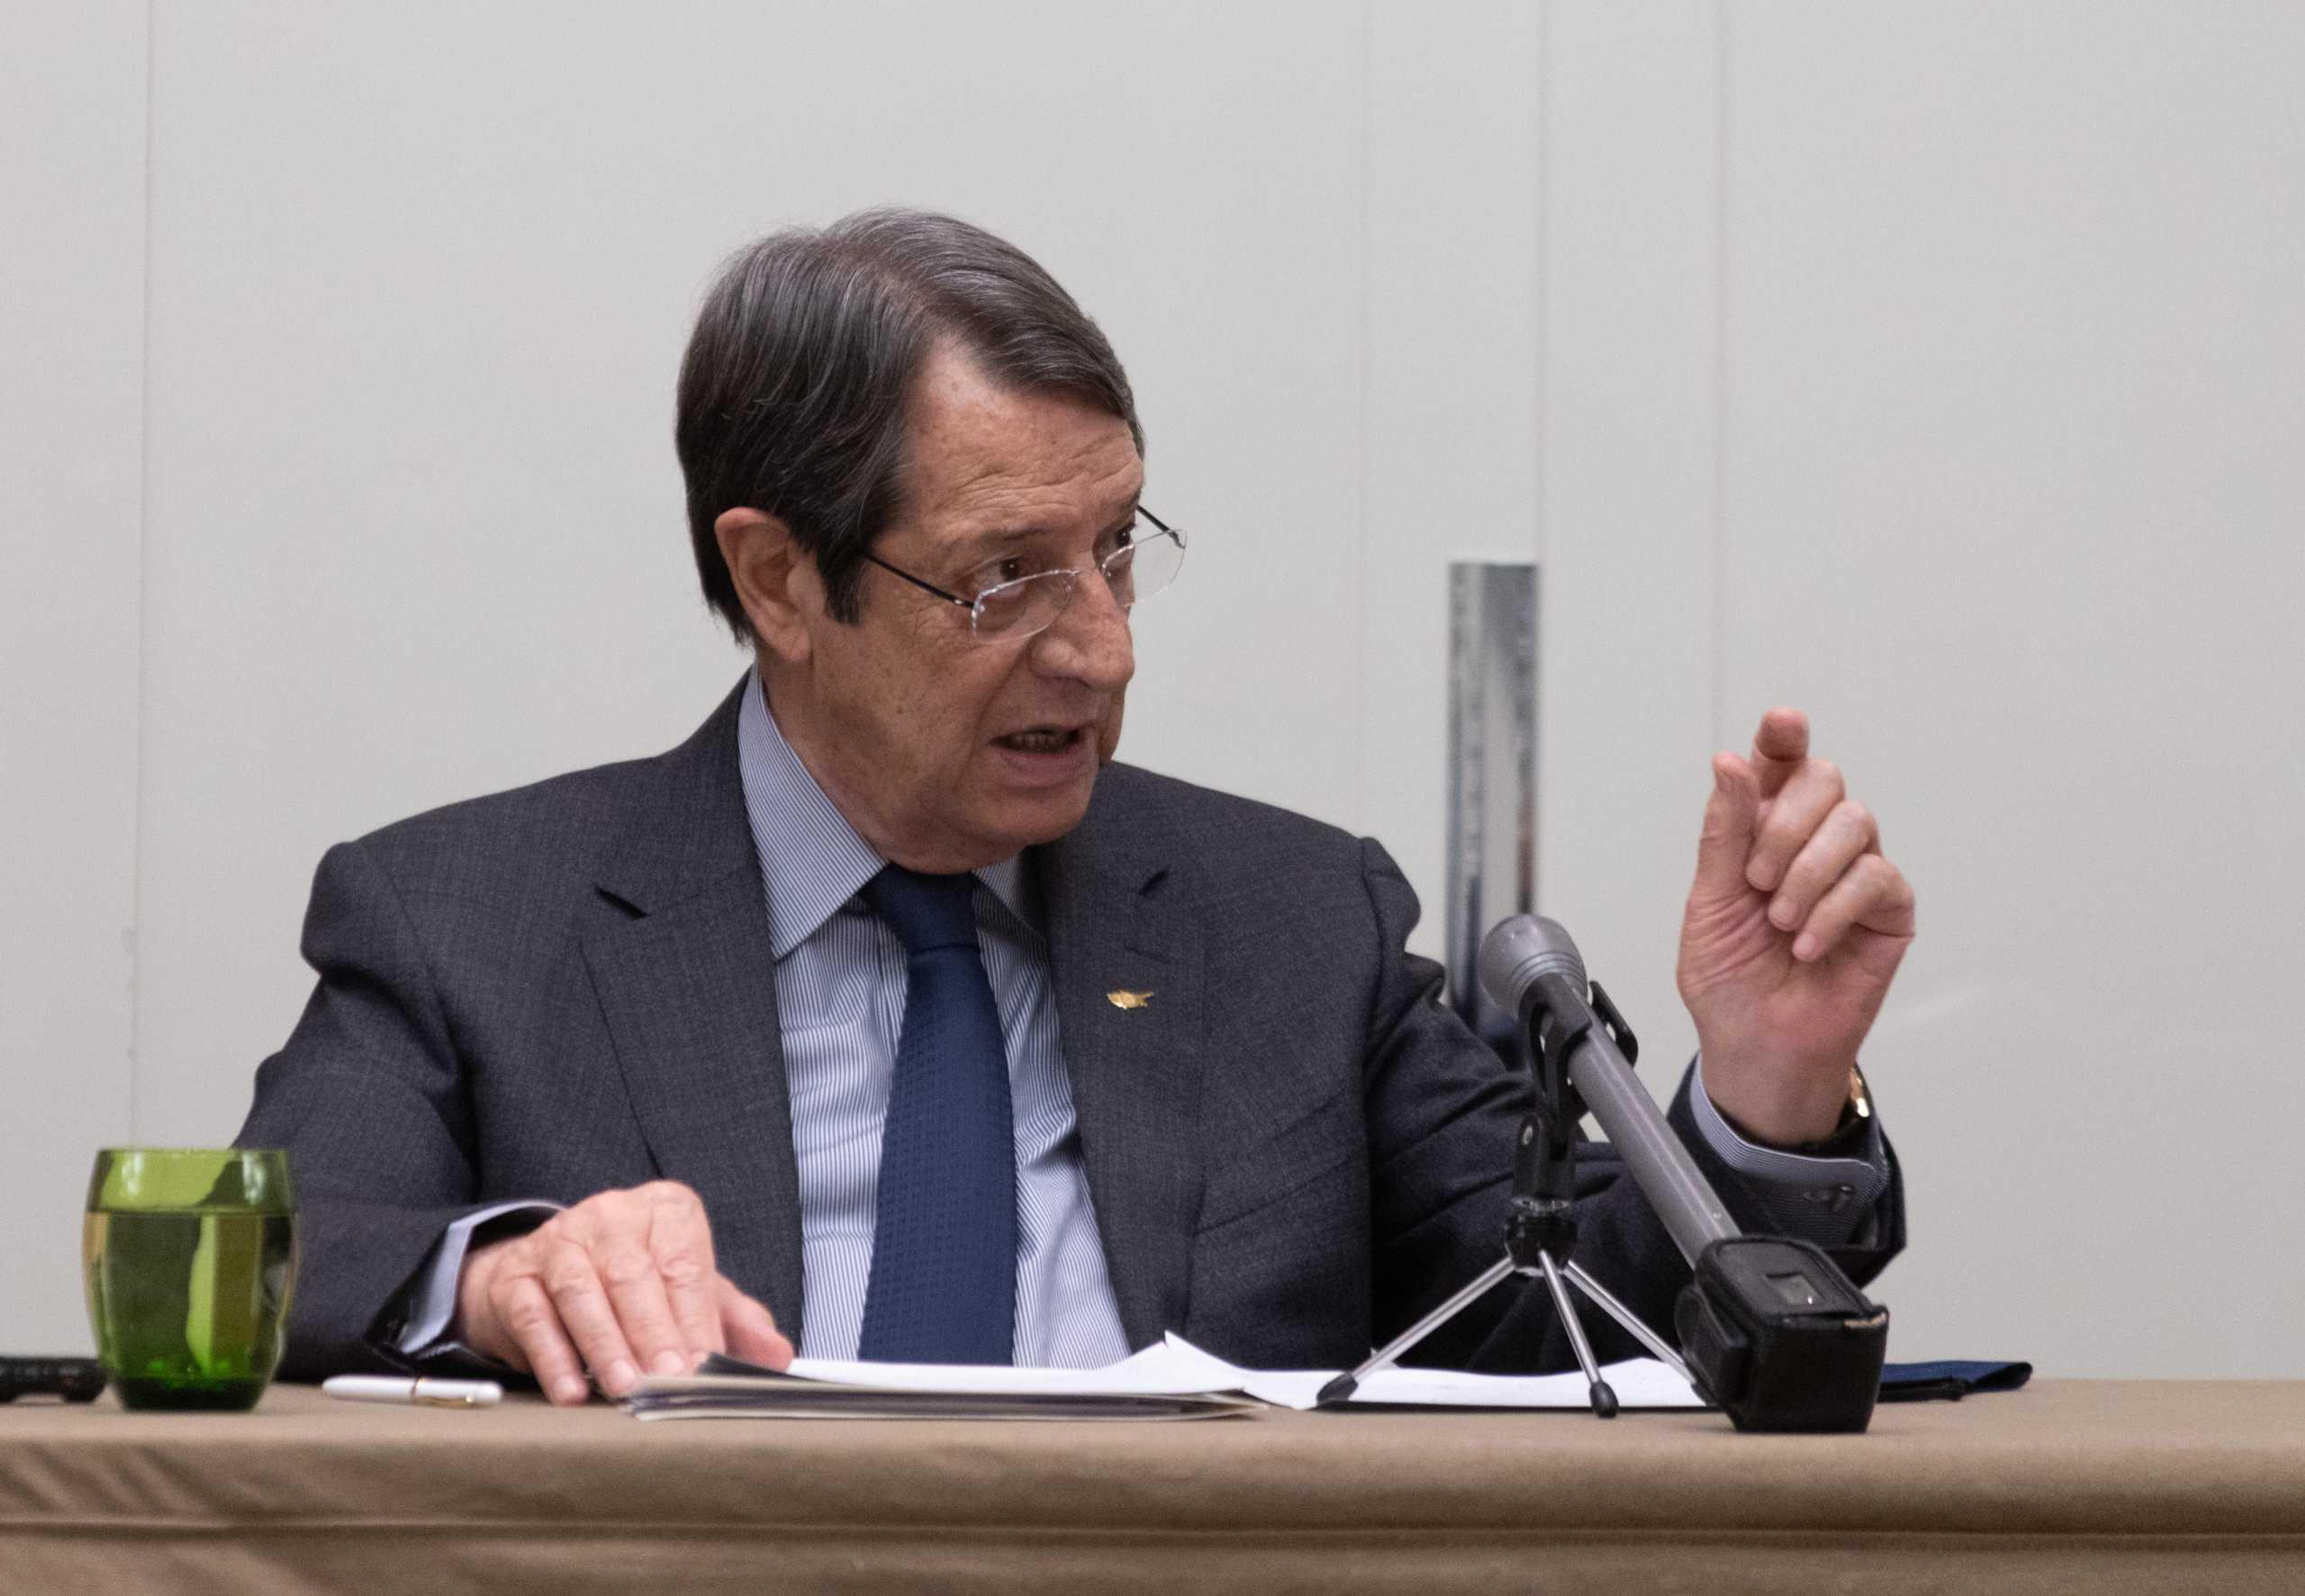 Αναστασιάδης: Να αποφευχθούν οποιαδήποτε νέα τετελεσμένα στο Κυπριακό